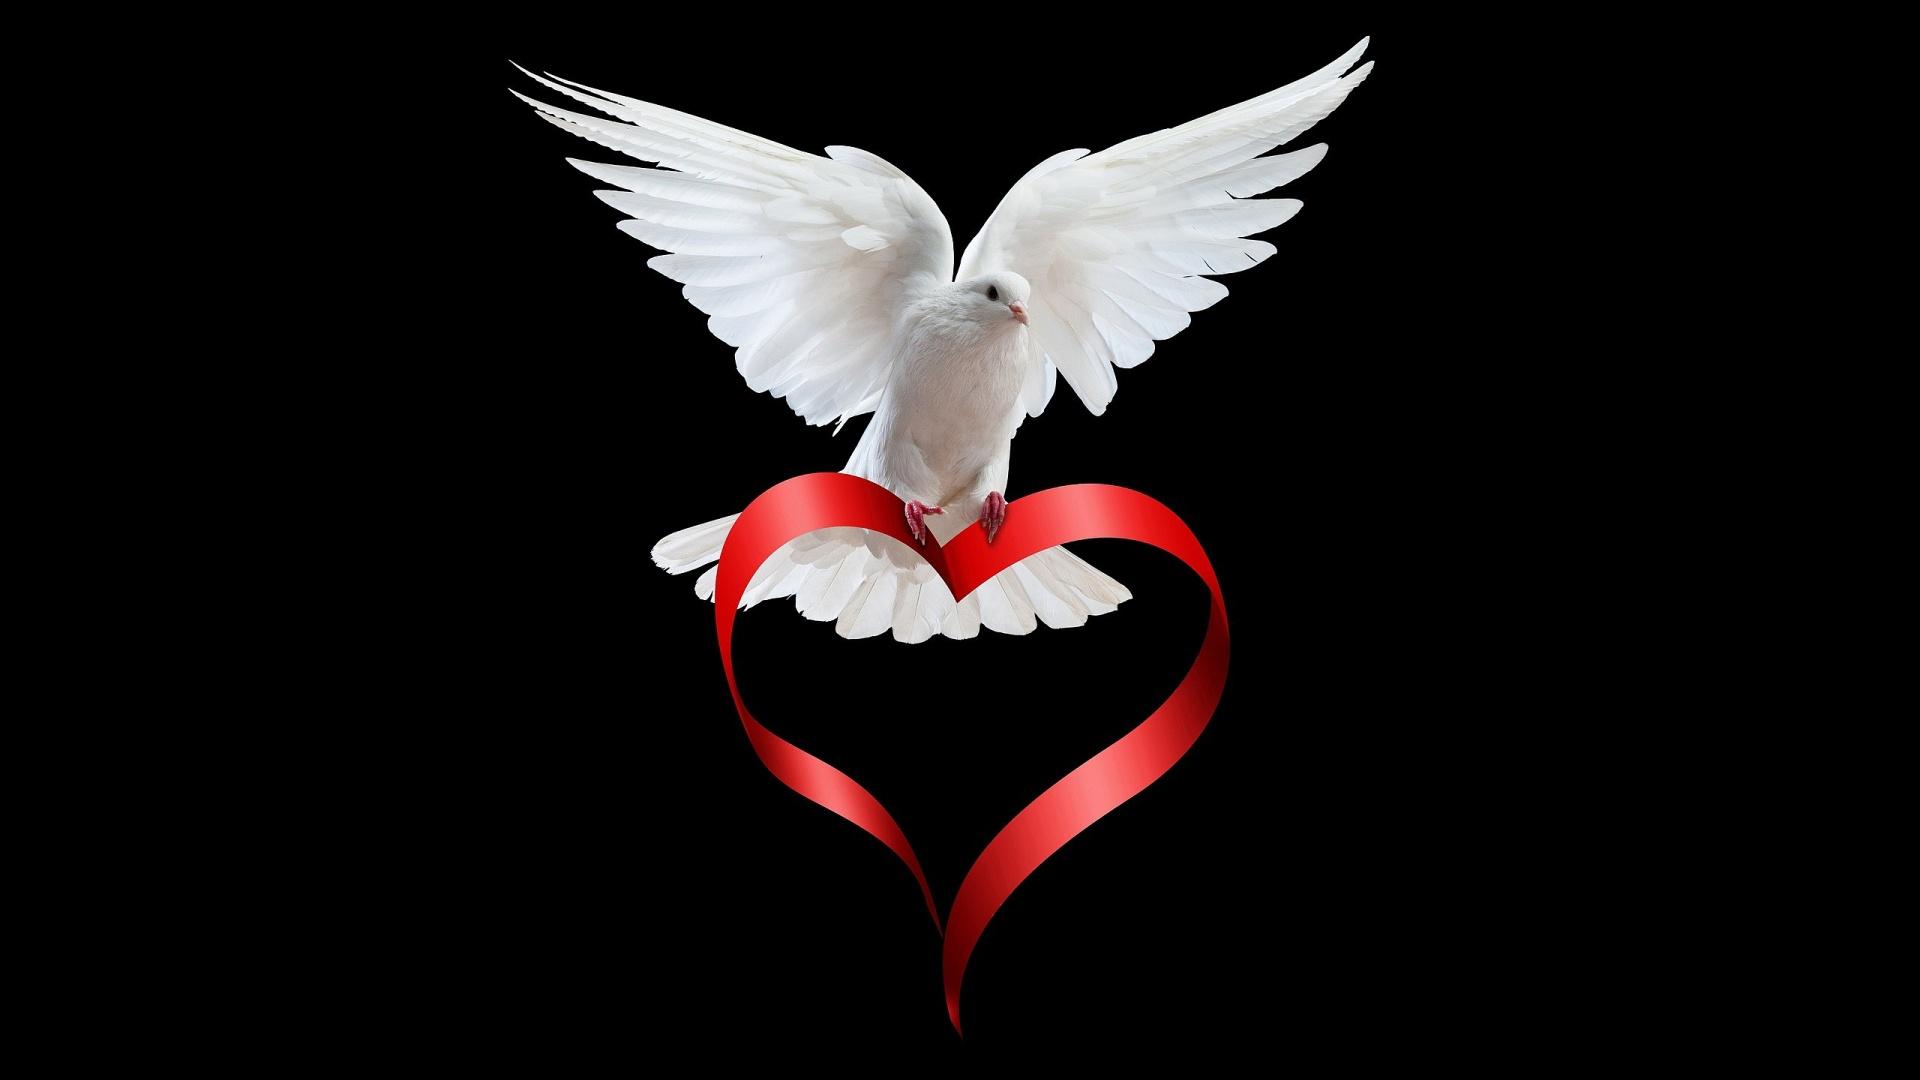 cute dove wallpaper 35347